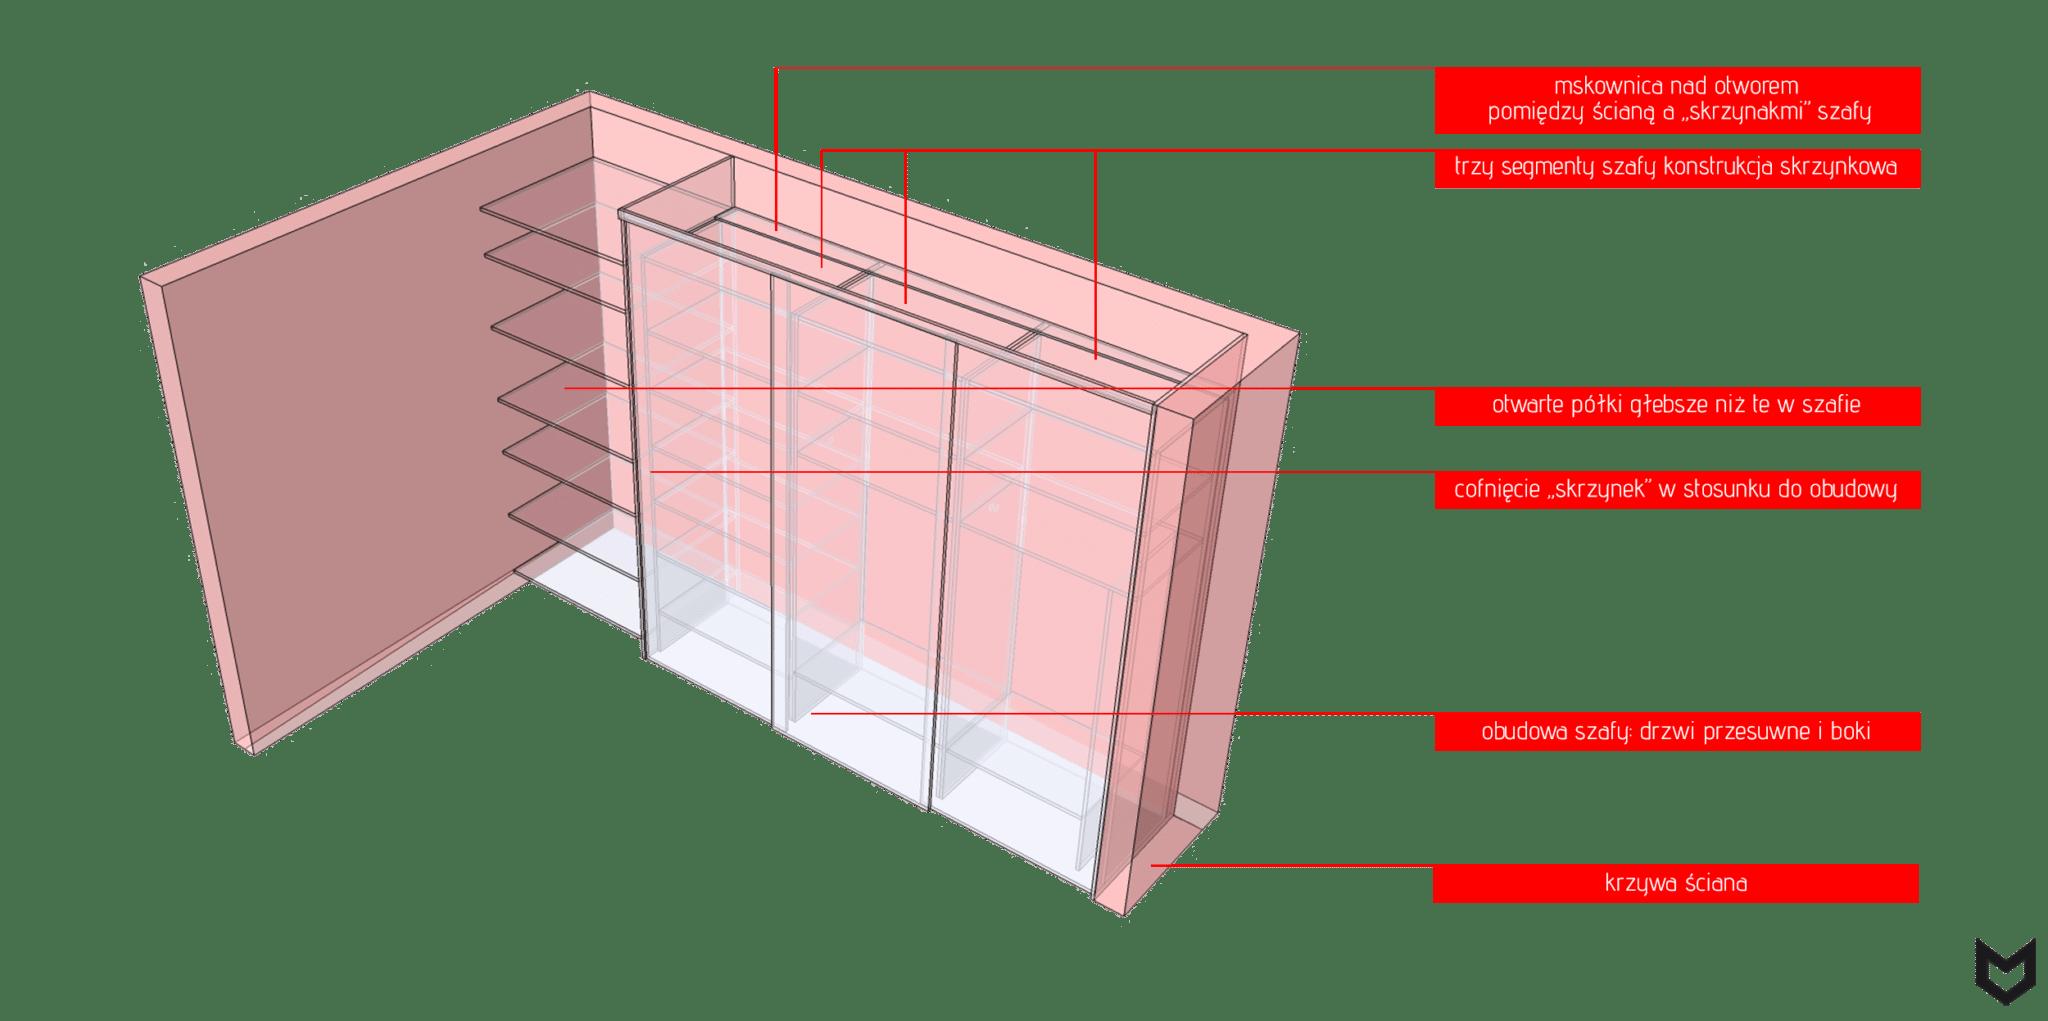 Schemat szafy nakrzywej ścianie